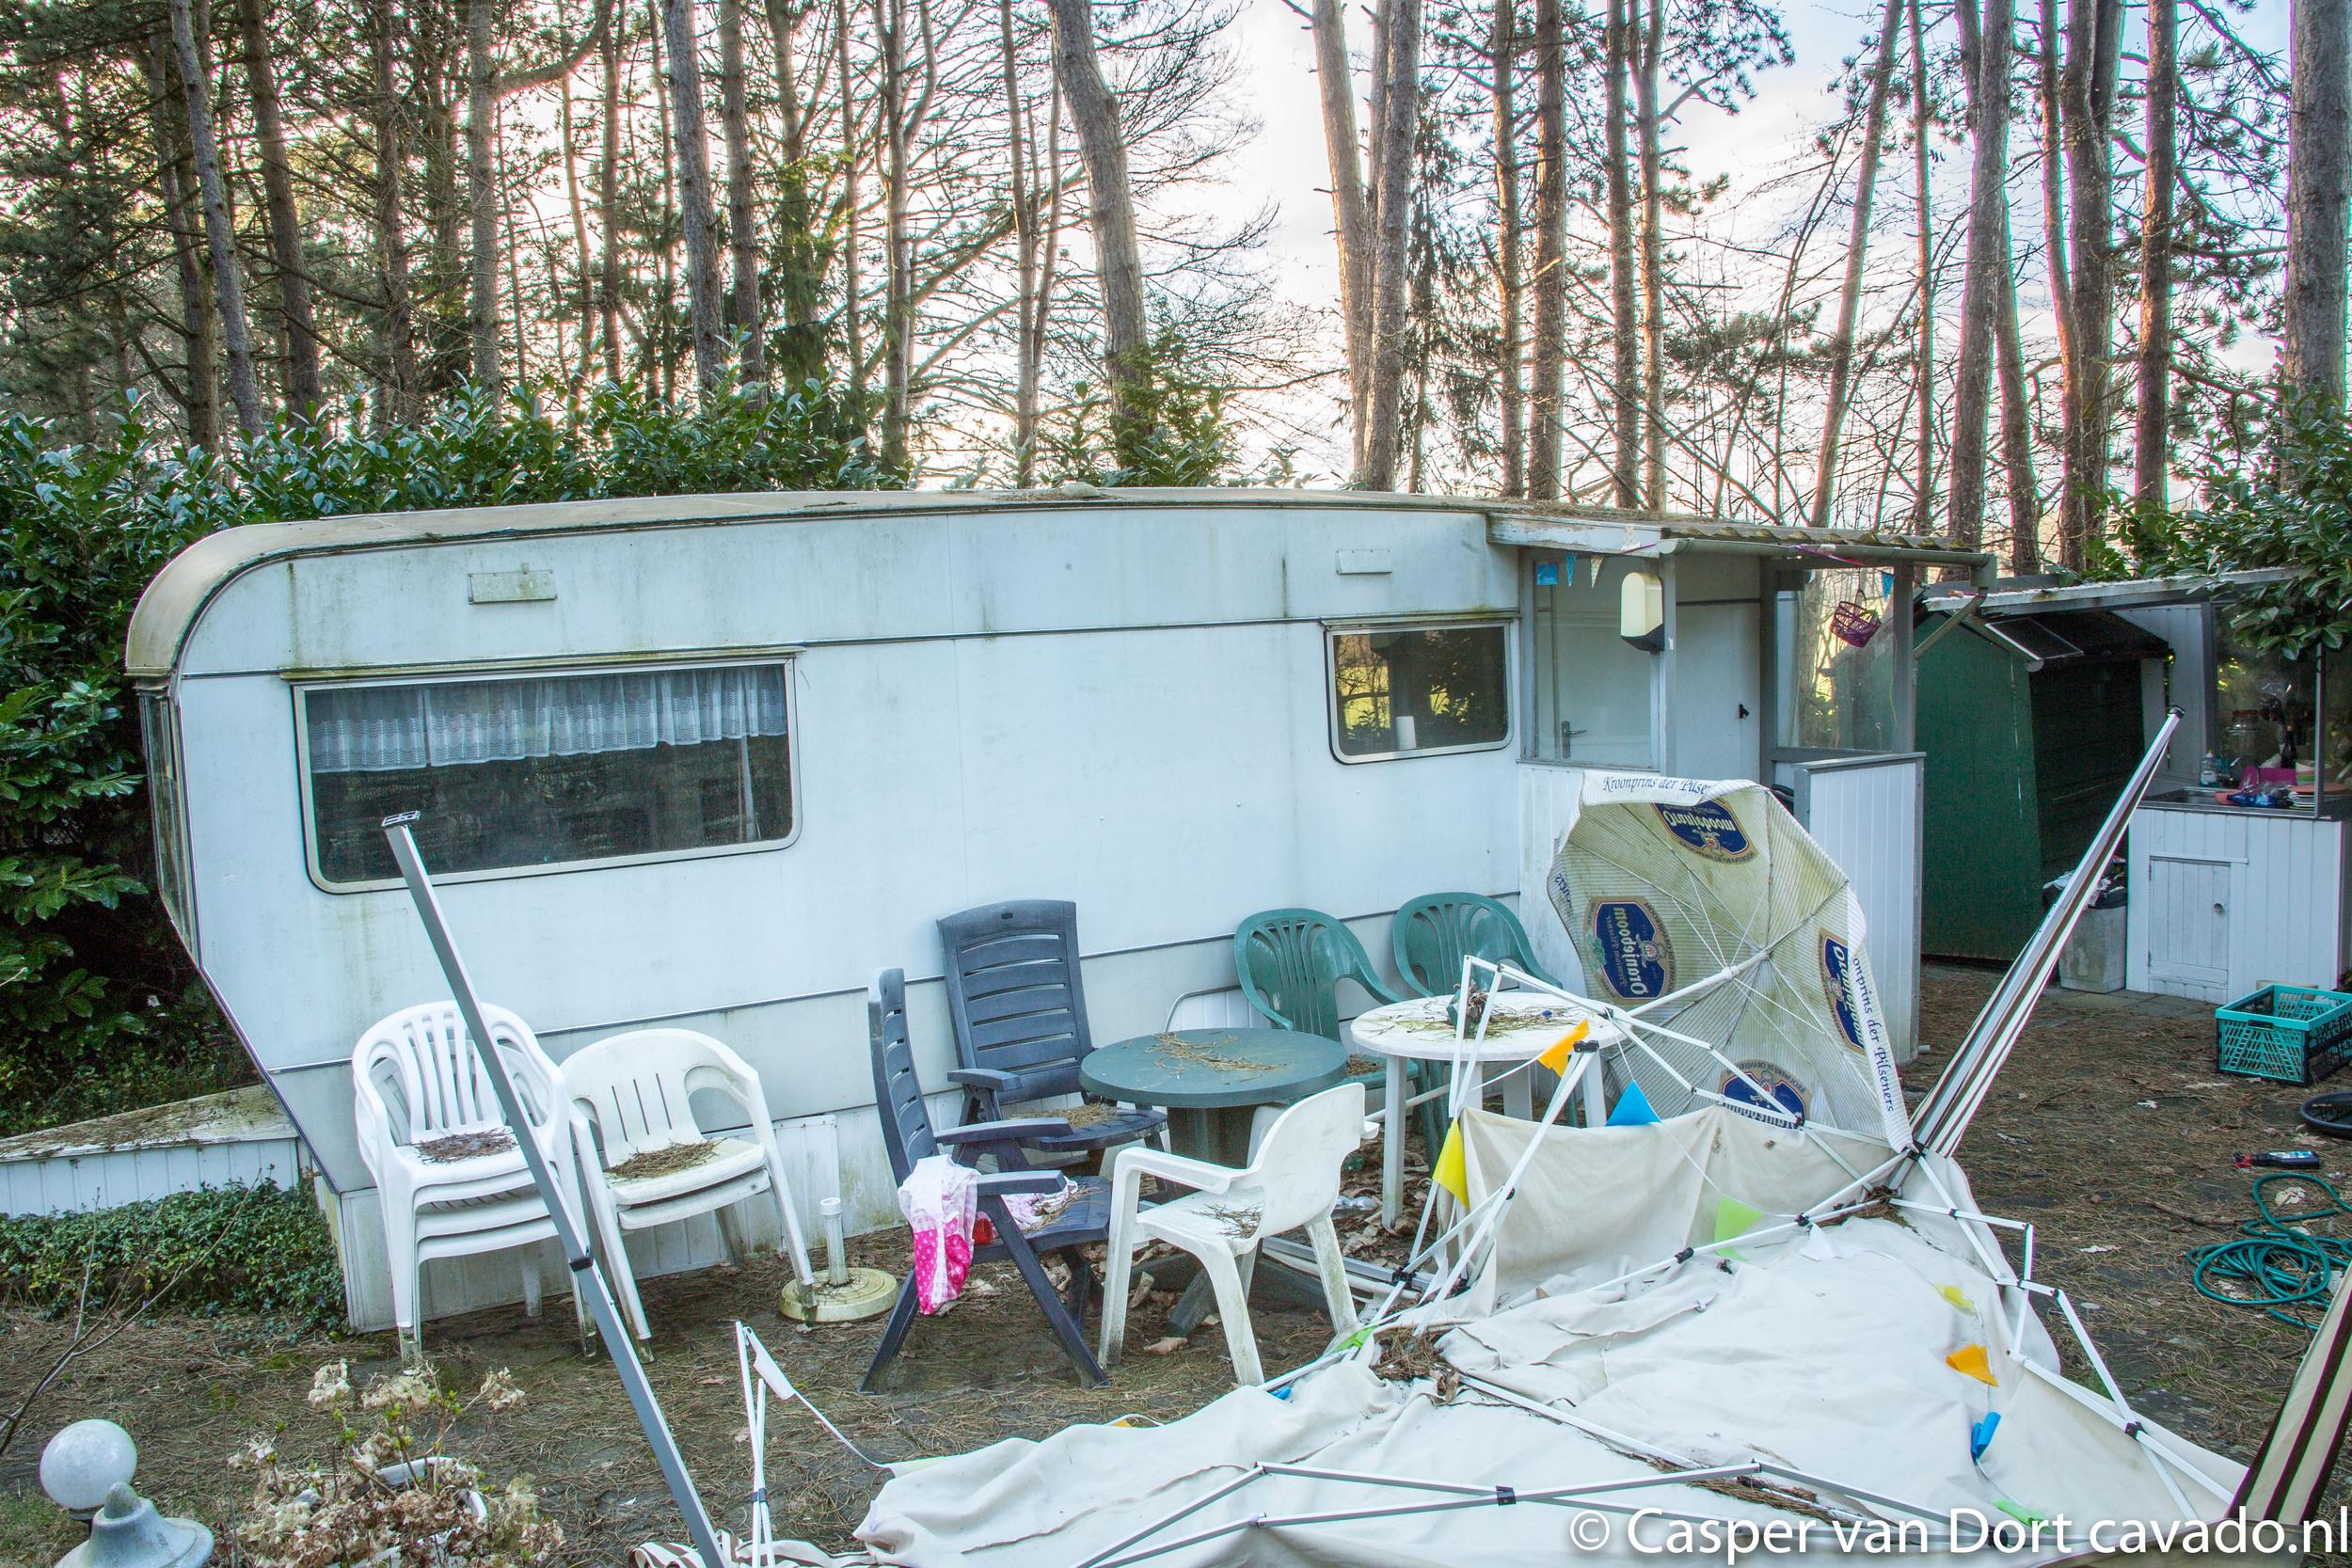 Verlaten feestje Camping-11.jpg